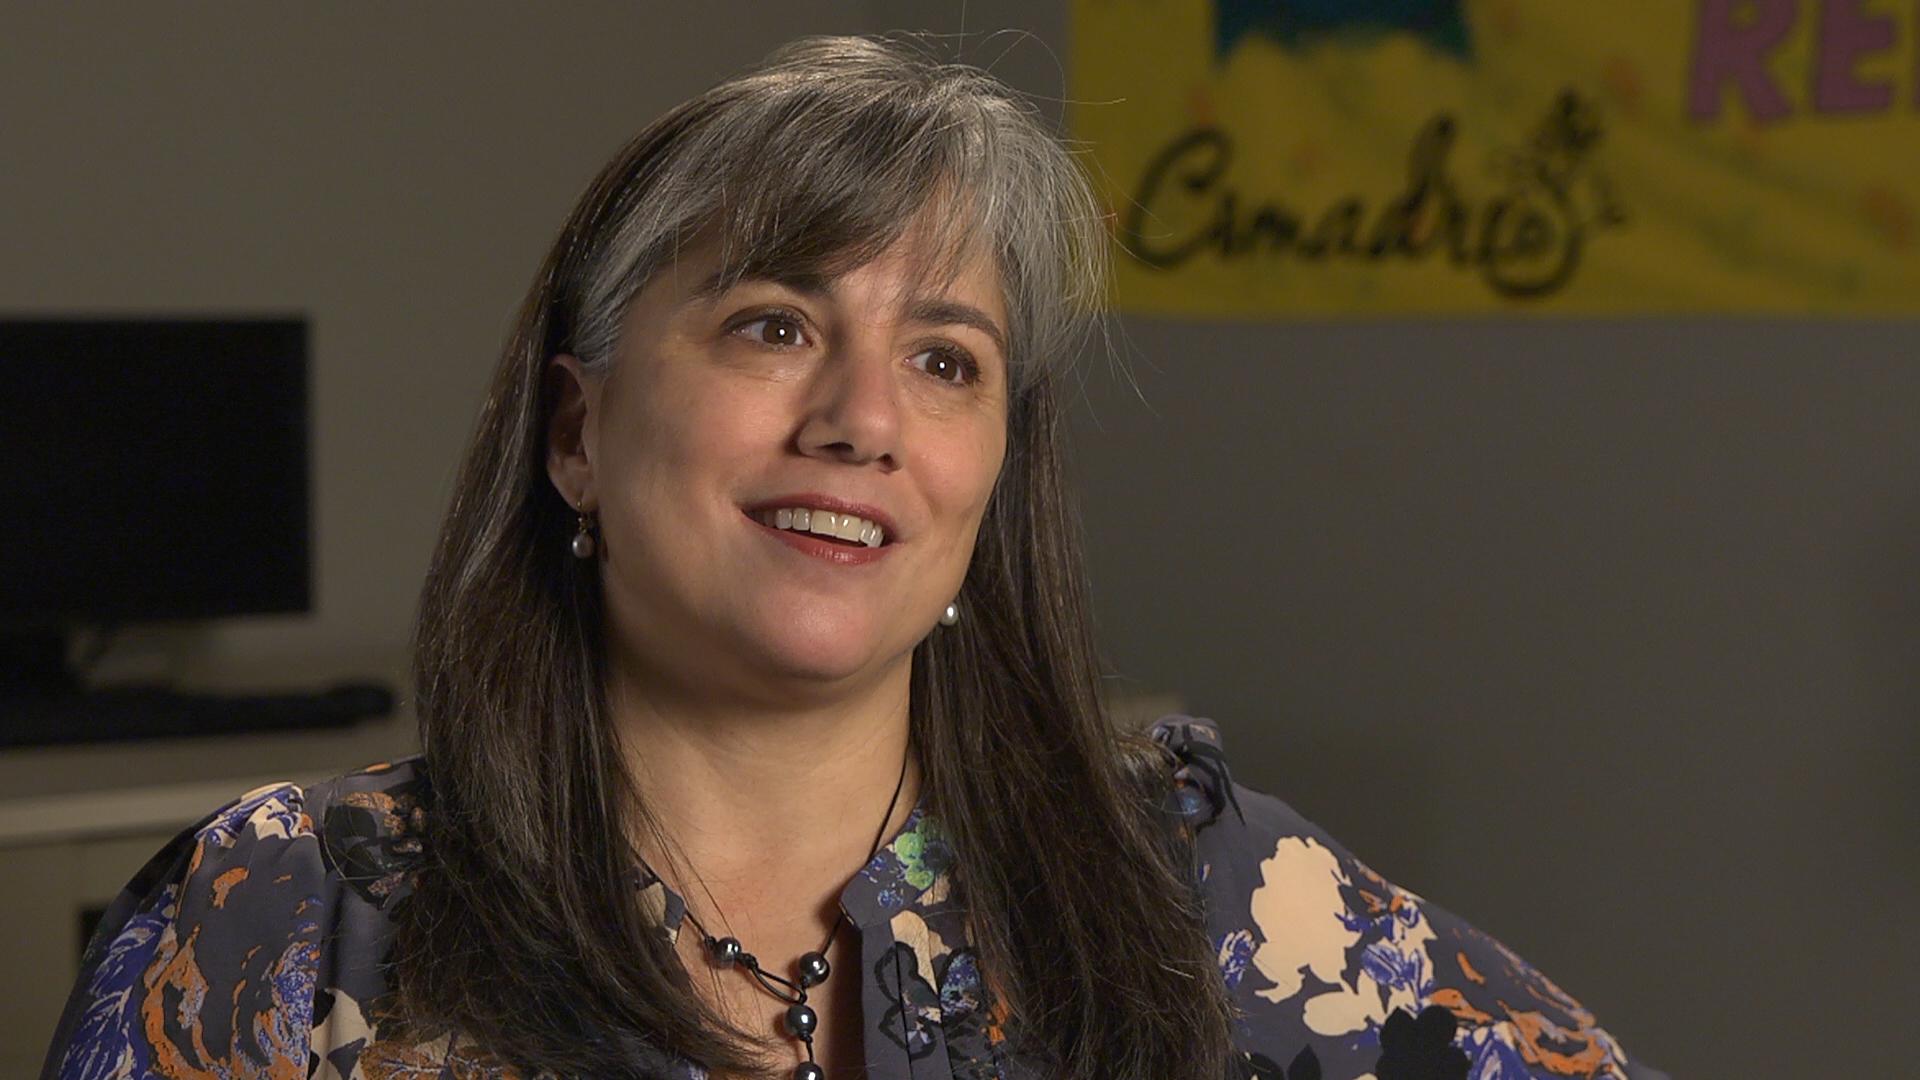 Isabel Rubio – Realizing the Dream Award from the University of Alabama